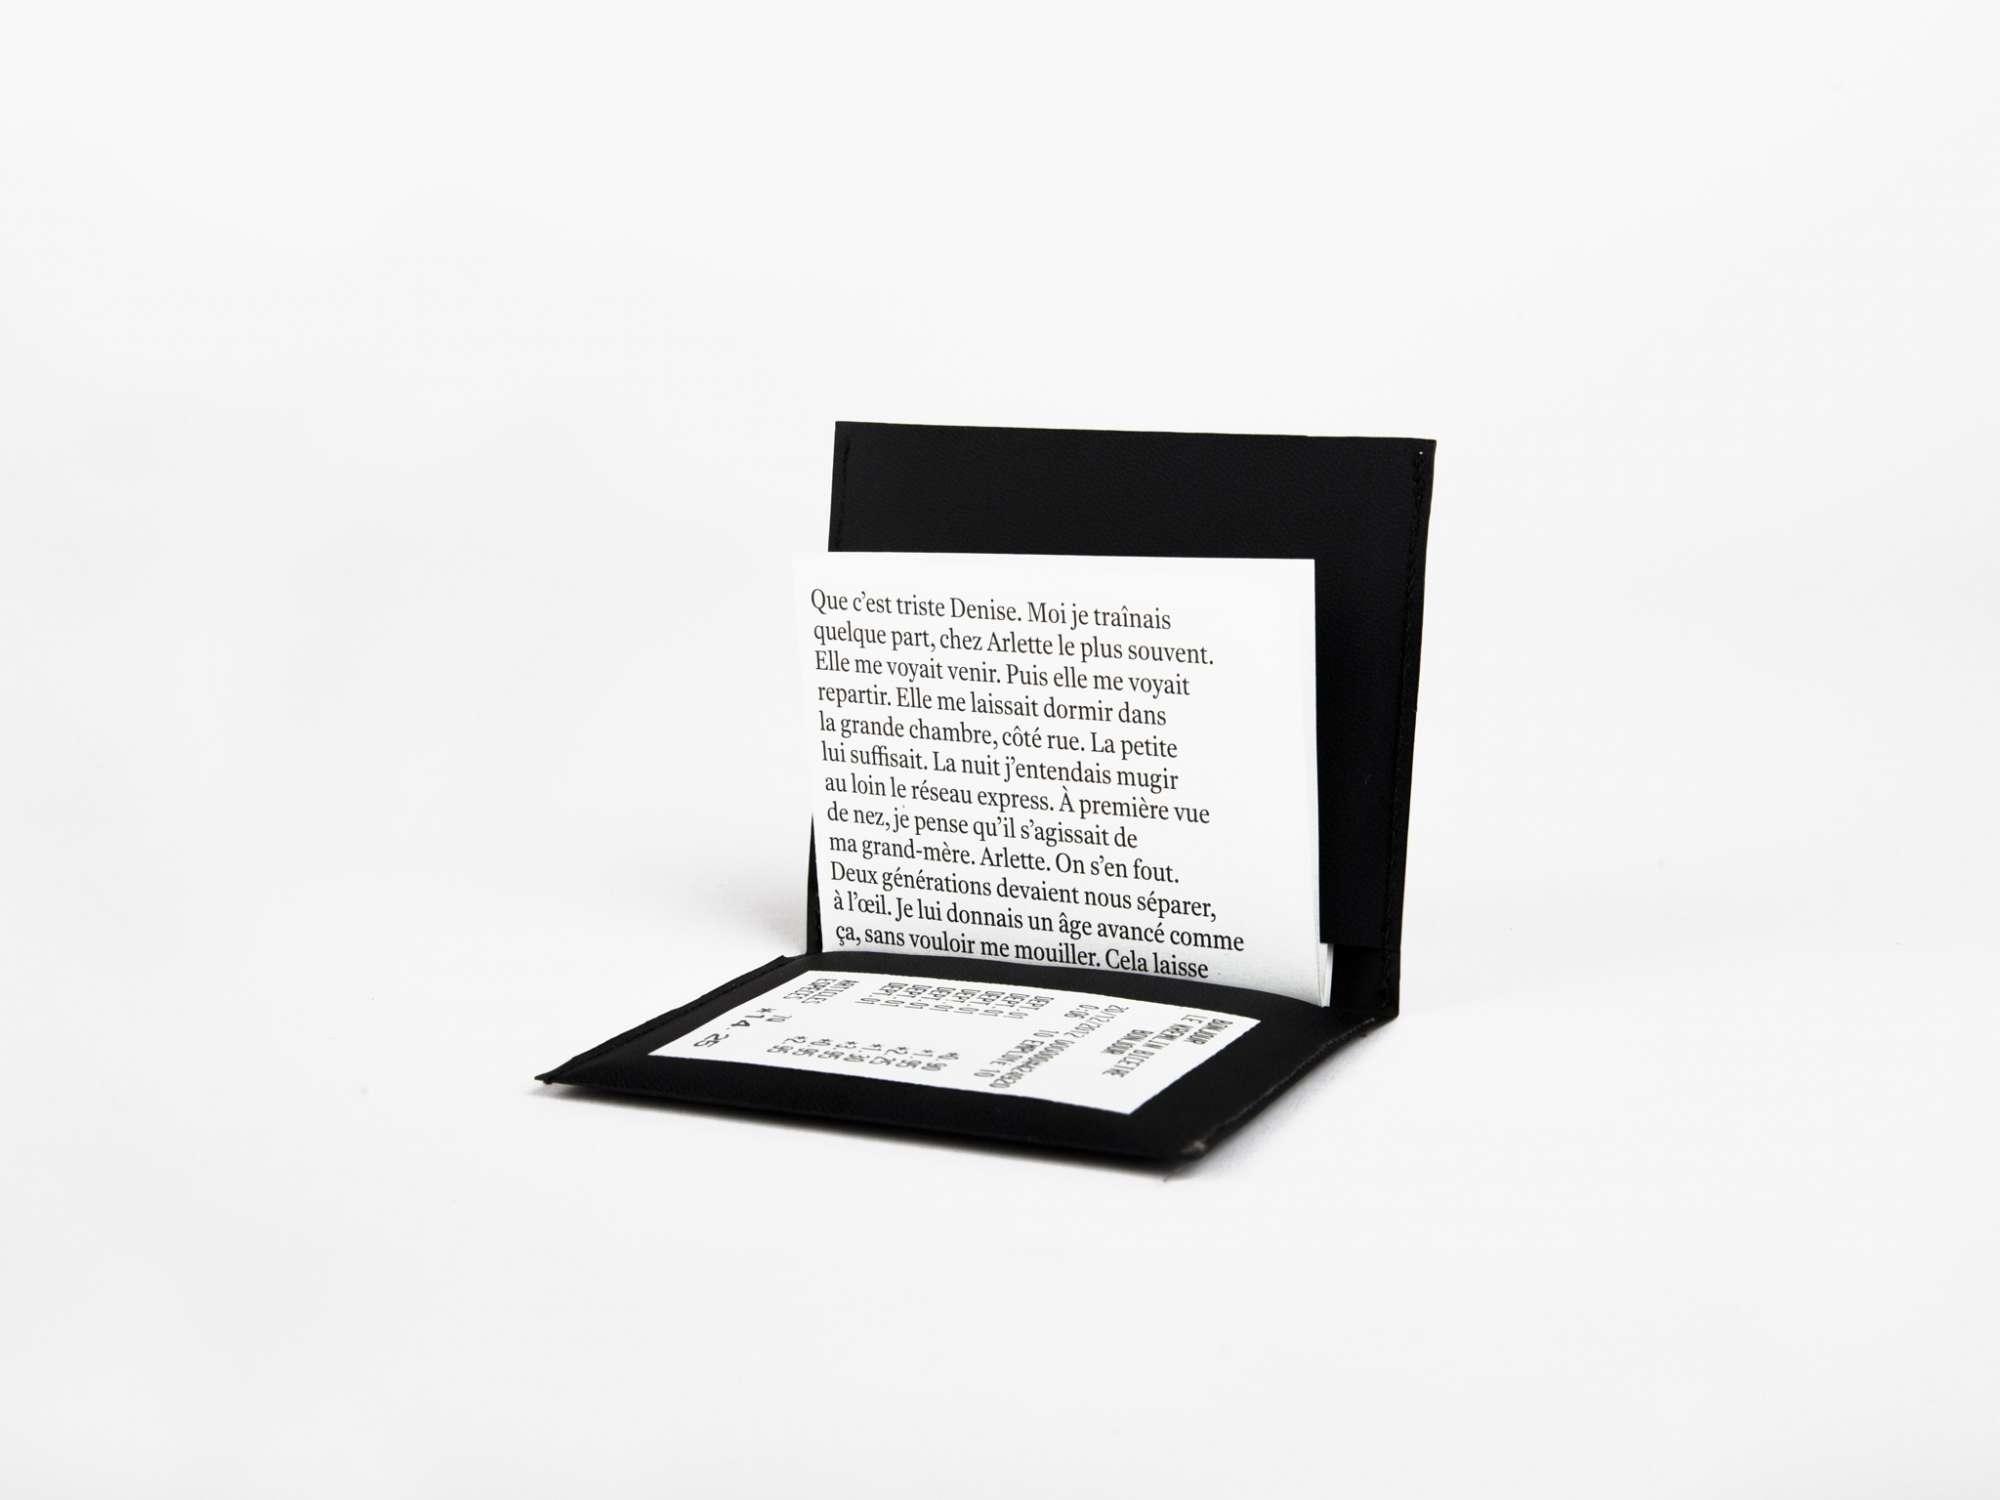 Le Kremlin-Bicêtre Éditions cent pages Objet d'artiste pochette dépliant et photographies